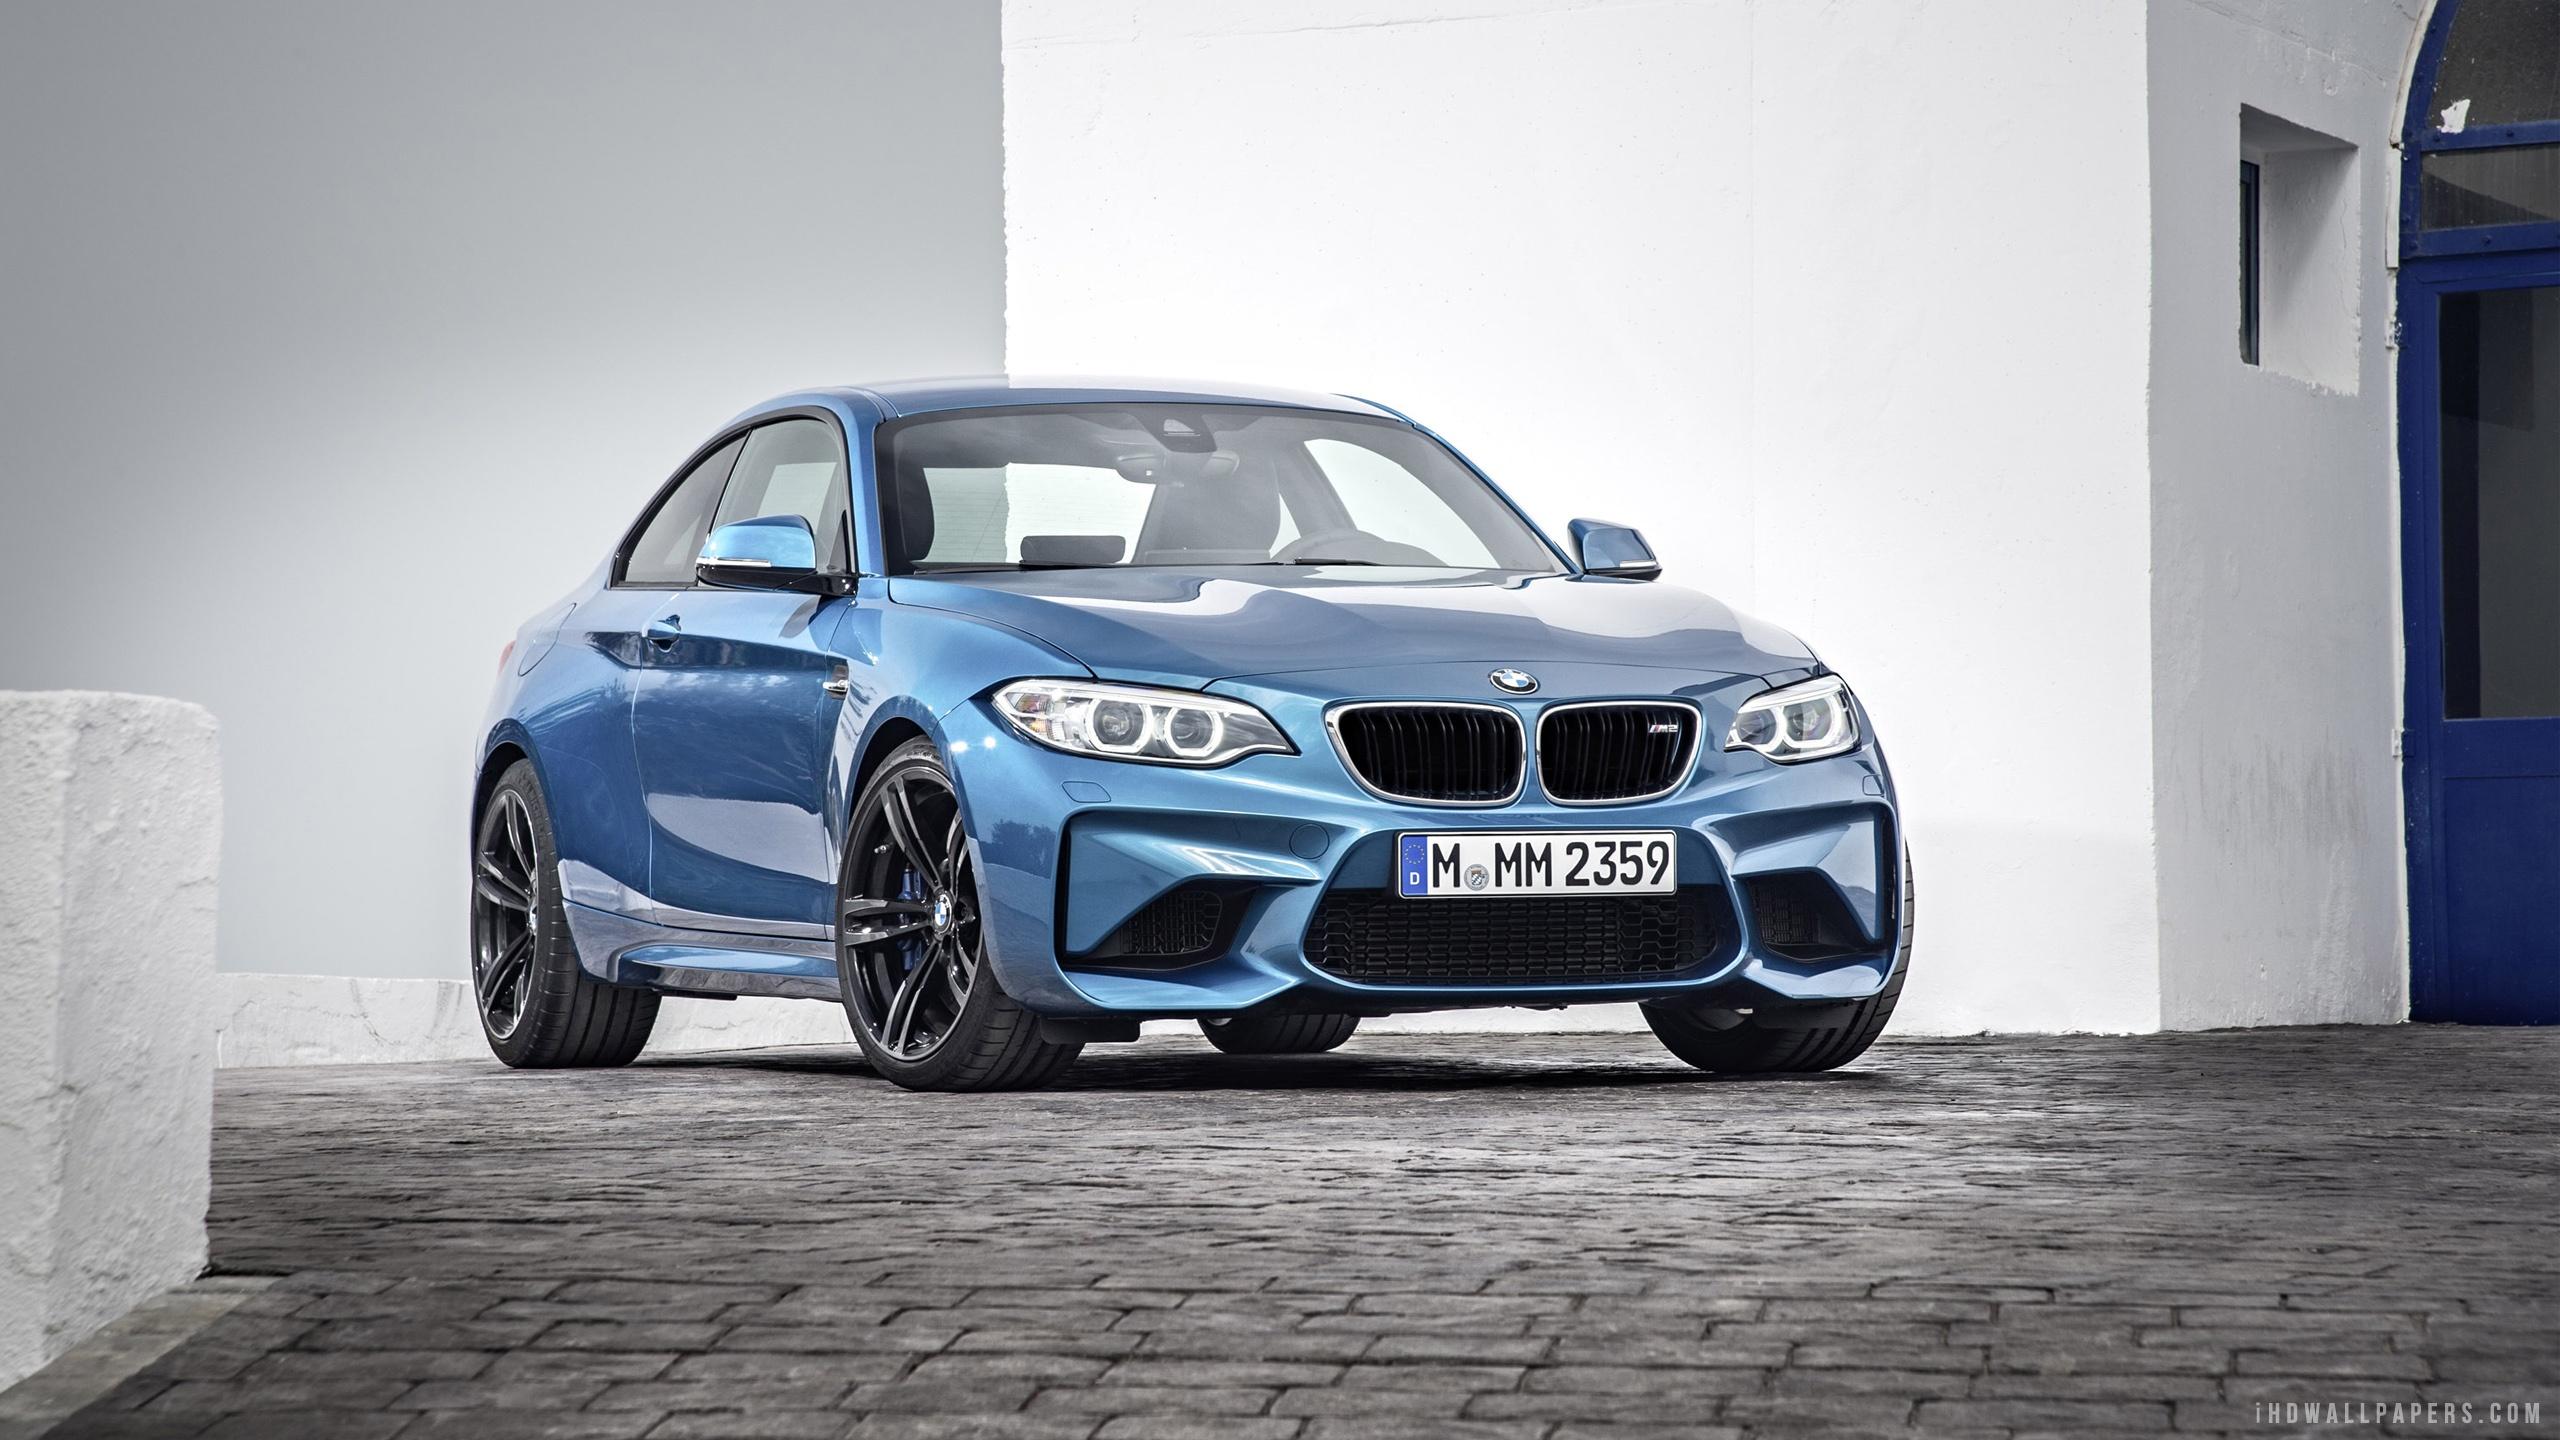 2016 BMW M2 01 HD Wallpaper   iHD Wallpapers 2560x1440